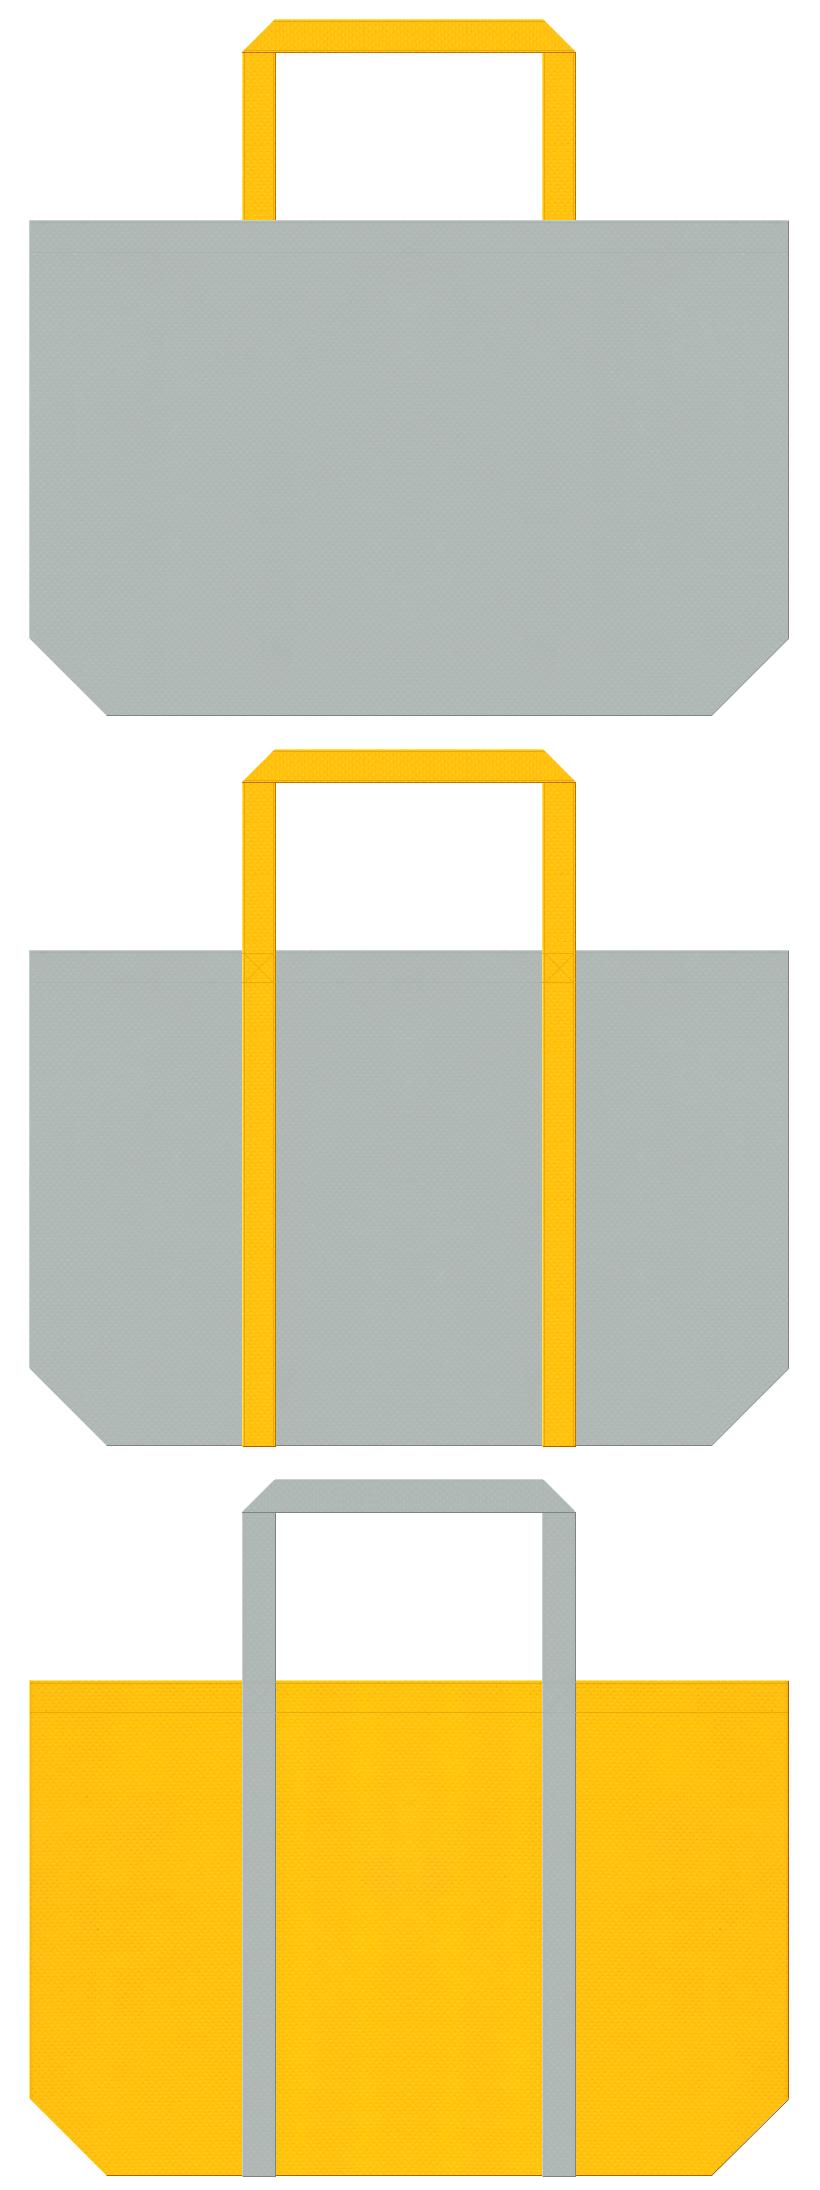 グレー色と黄色の不織布エコバッグのデザイン。